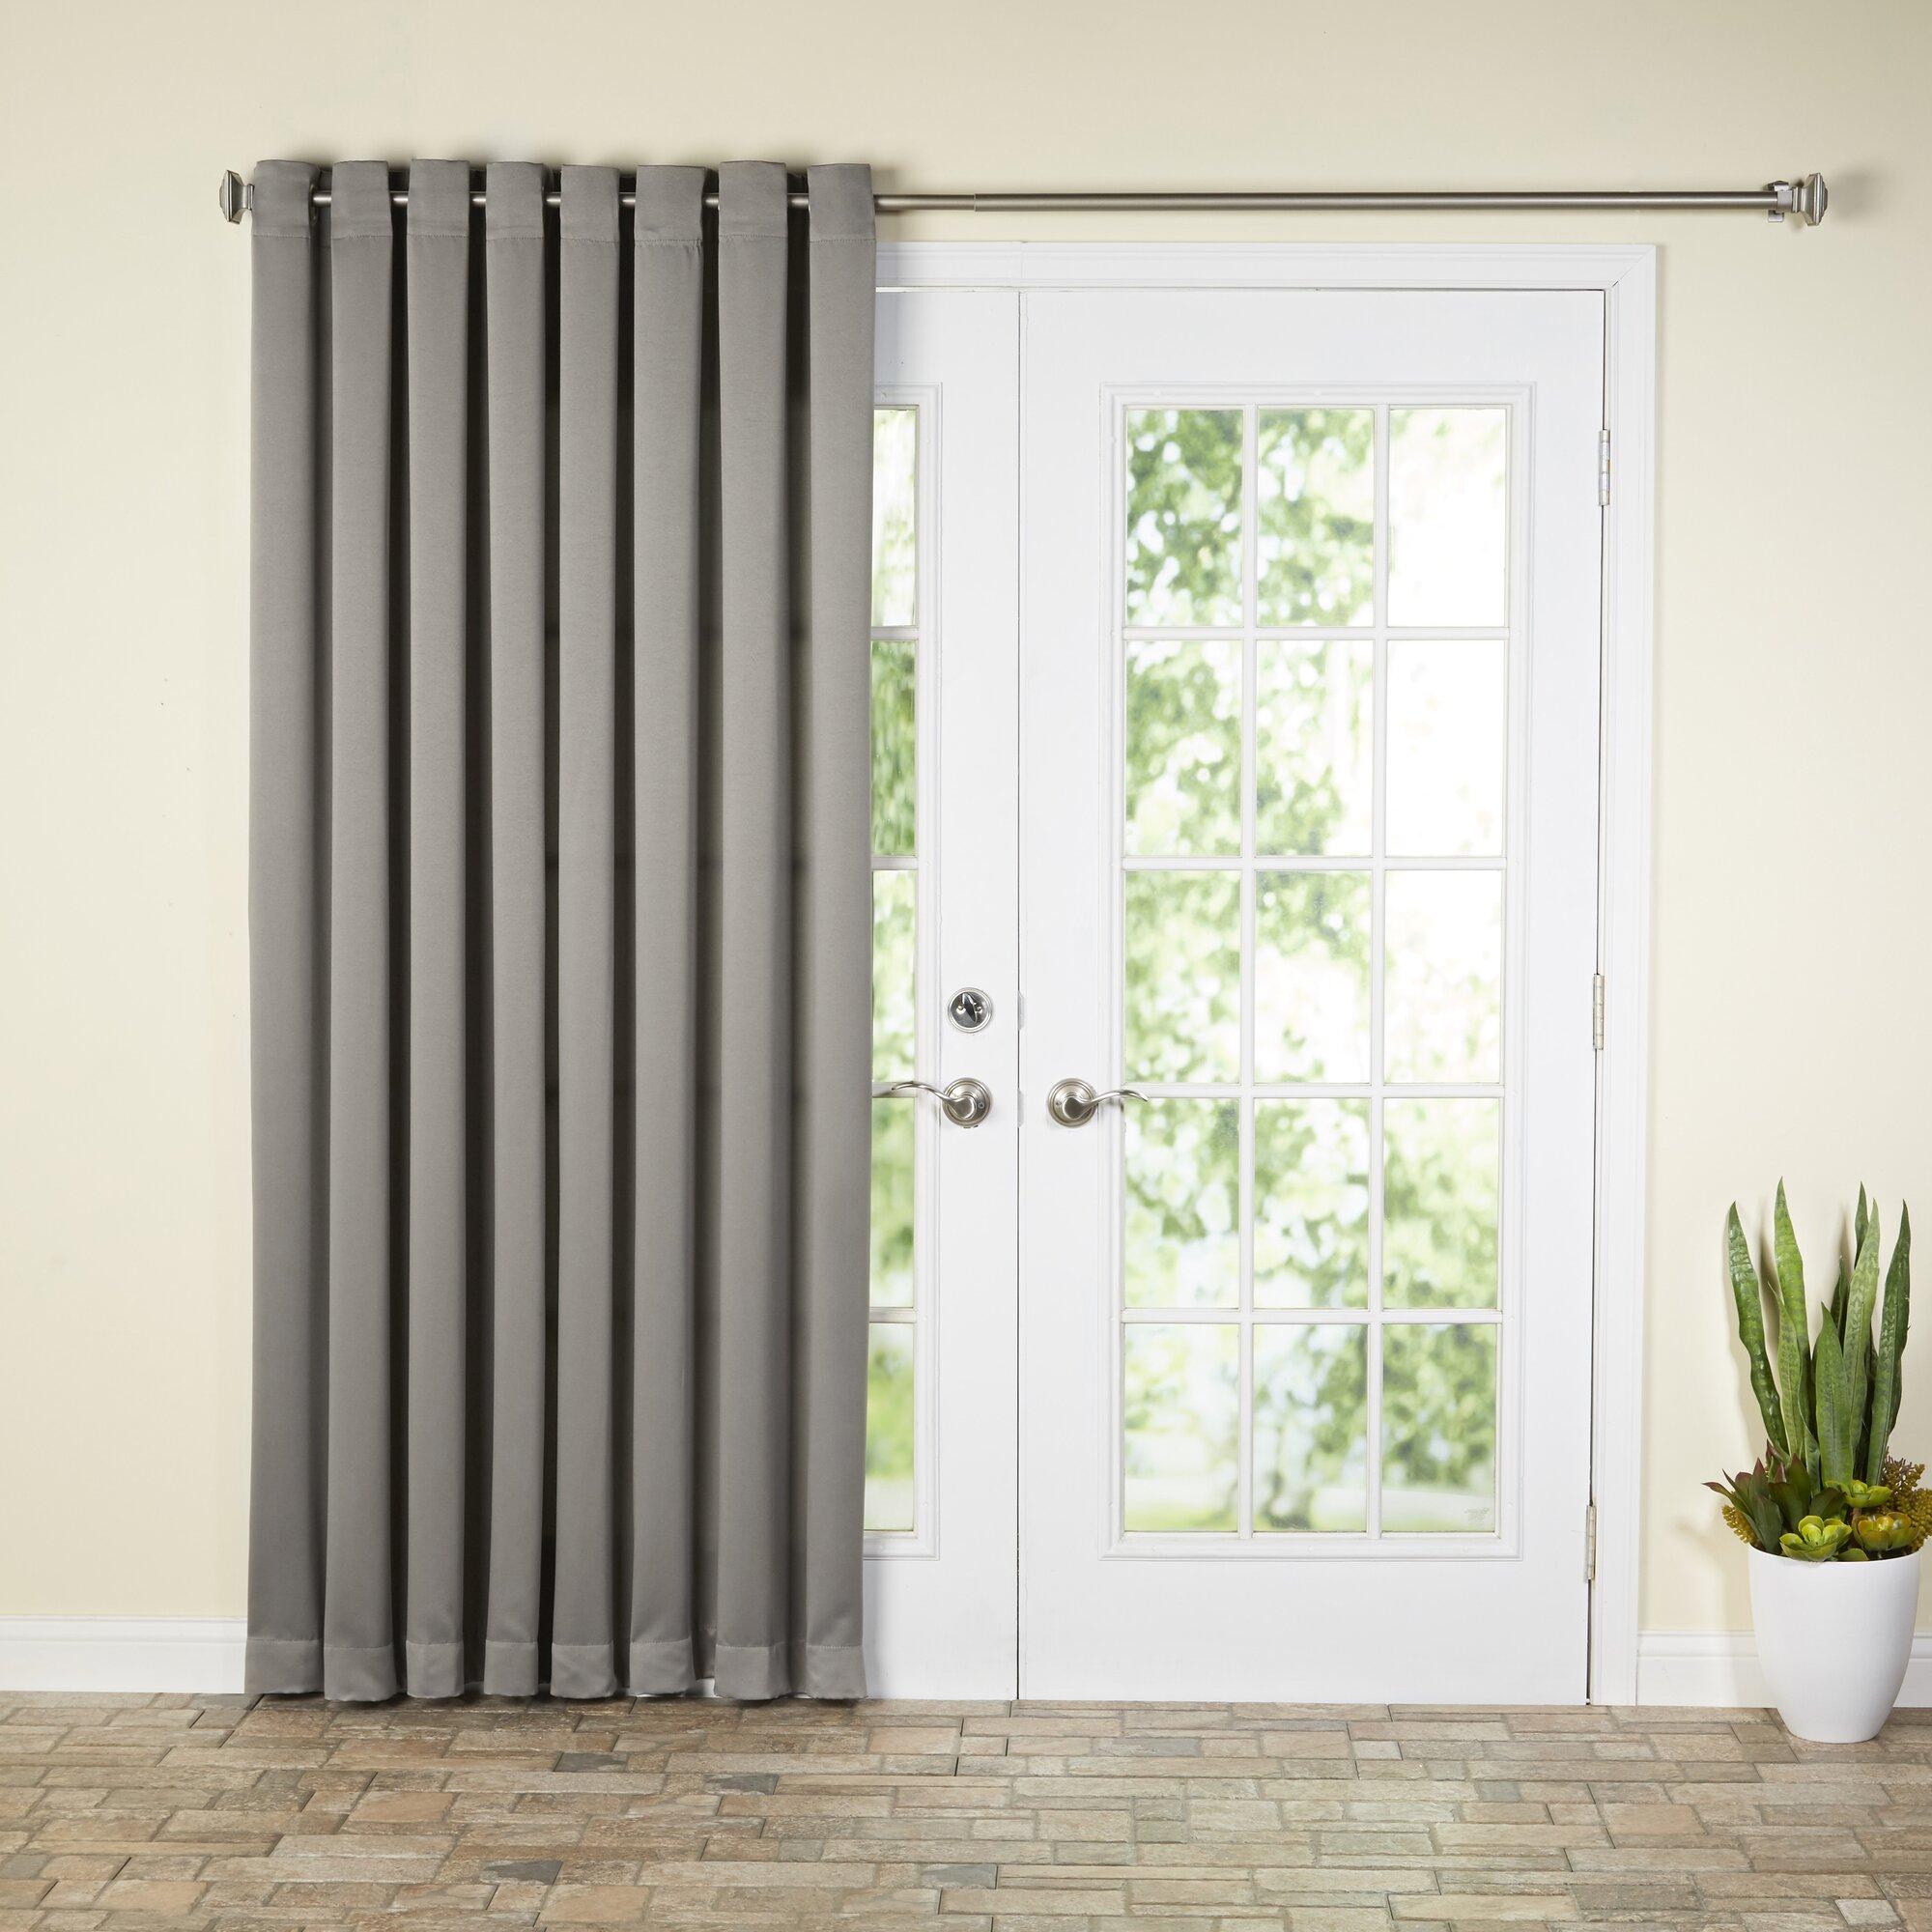 Curtains for patio doors - Wayfair Basics Solid Room Darkening Grommet Extra Wide Patio Door Curtain Panel